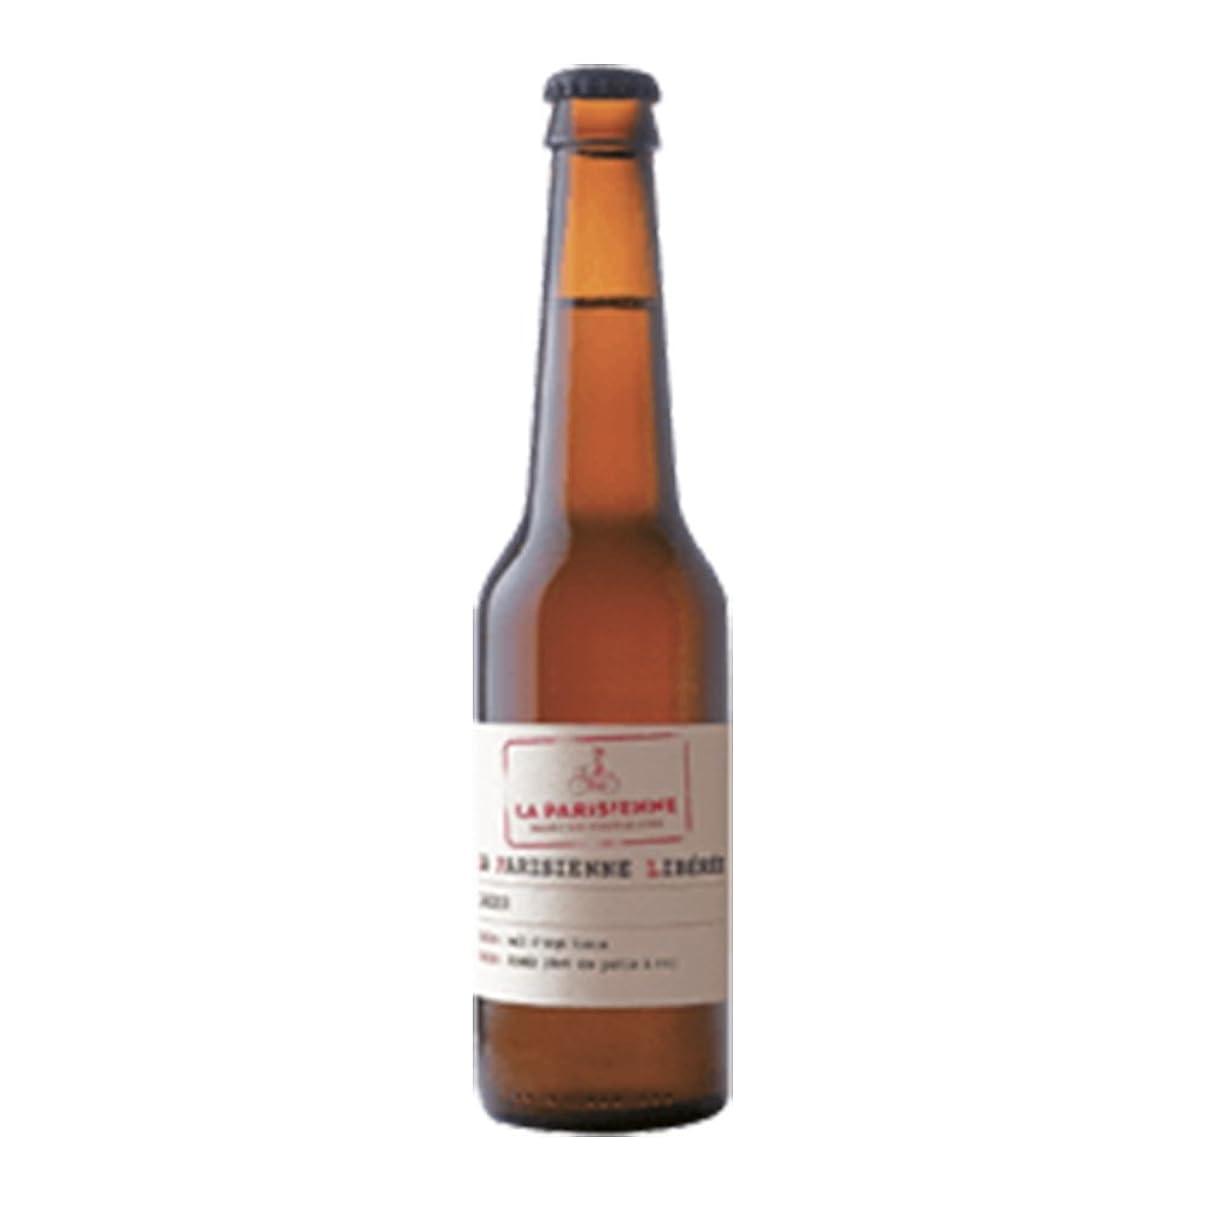 毎日ストラトフォードオンエイボン違反するラ パリジェンヌ リベレ 5.5度 330ml 24本セット(1ケース) 瓶 フランス ビール [並行輸入品]